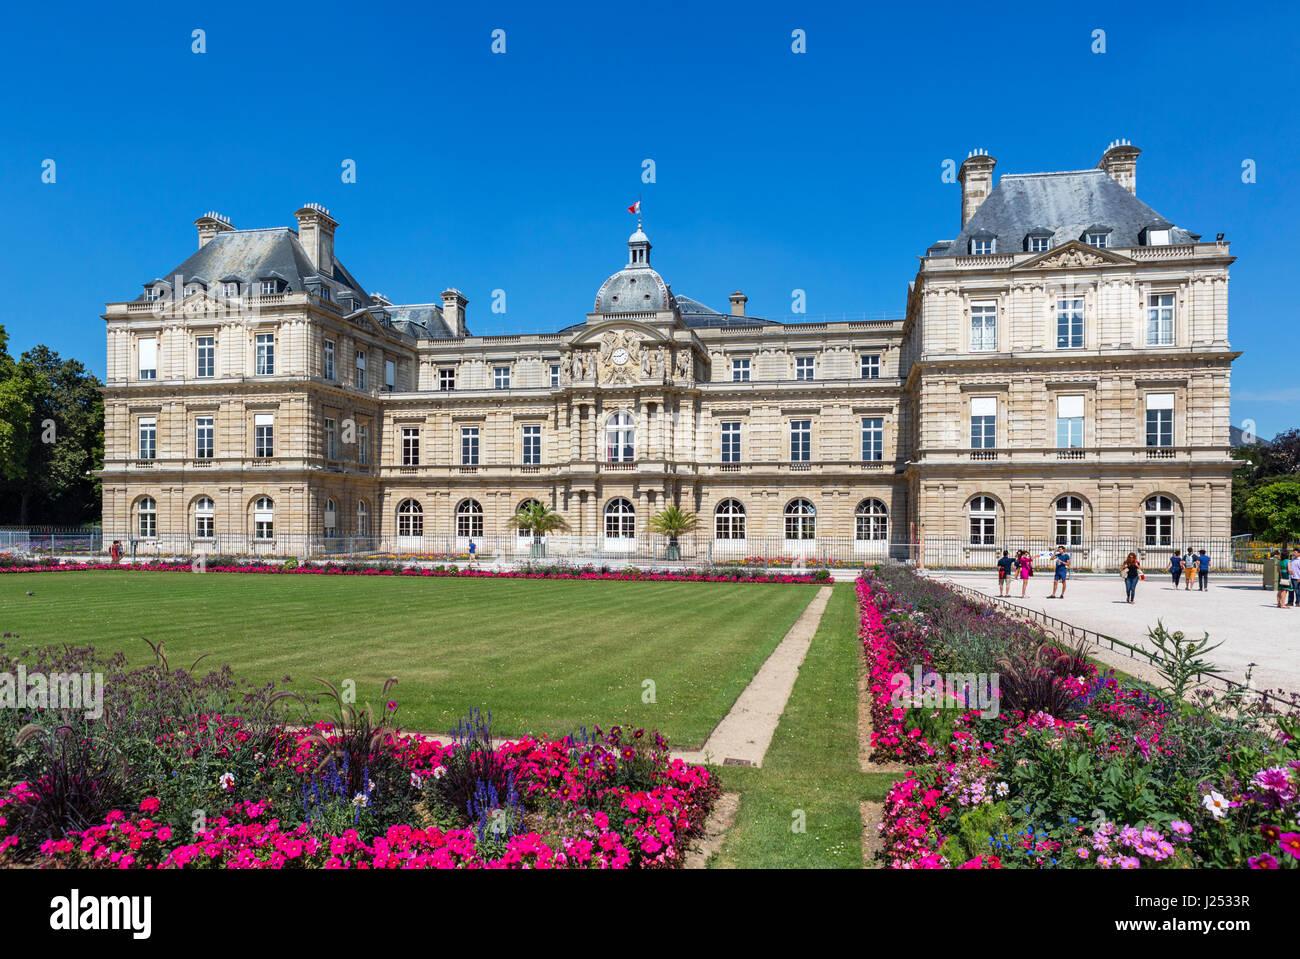 Das Palais du Luxembourg (Palais du Luxembourg), Jardin du Luxembourg (Jardin du Luxembourg), Paris, Frankreich Stockbild